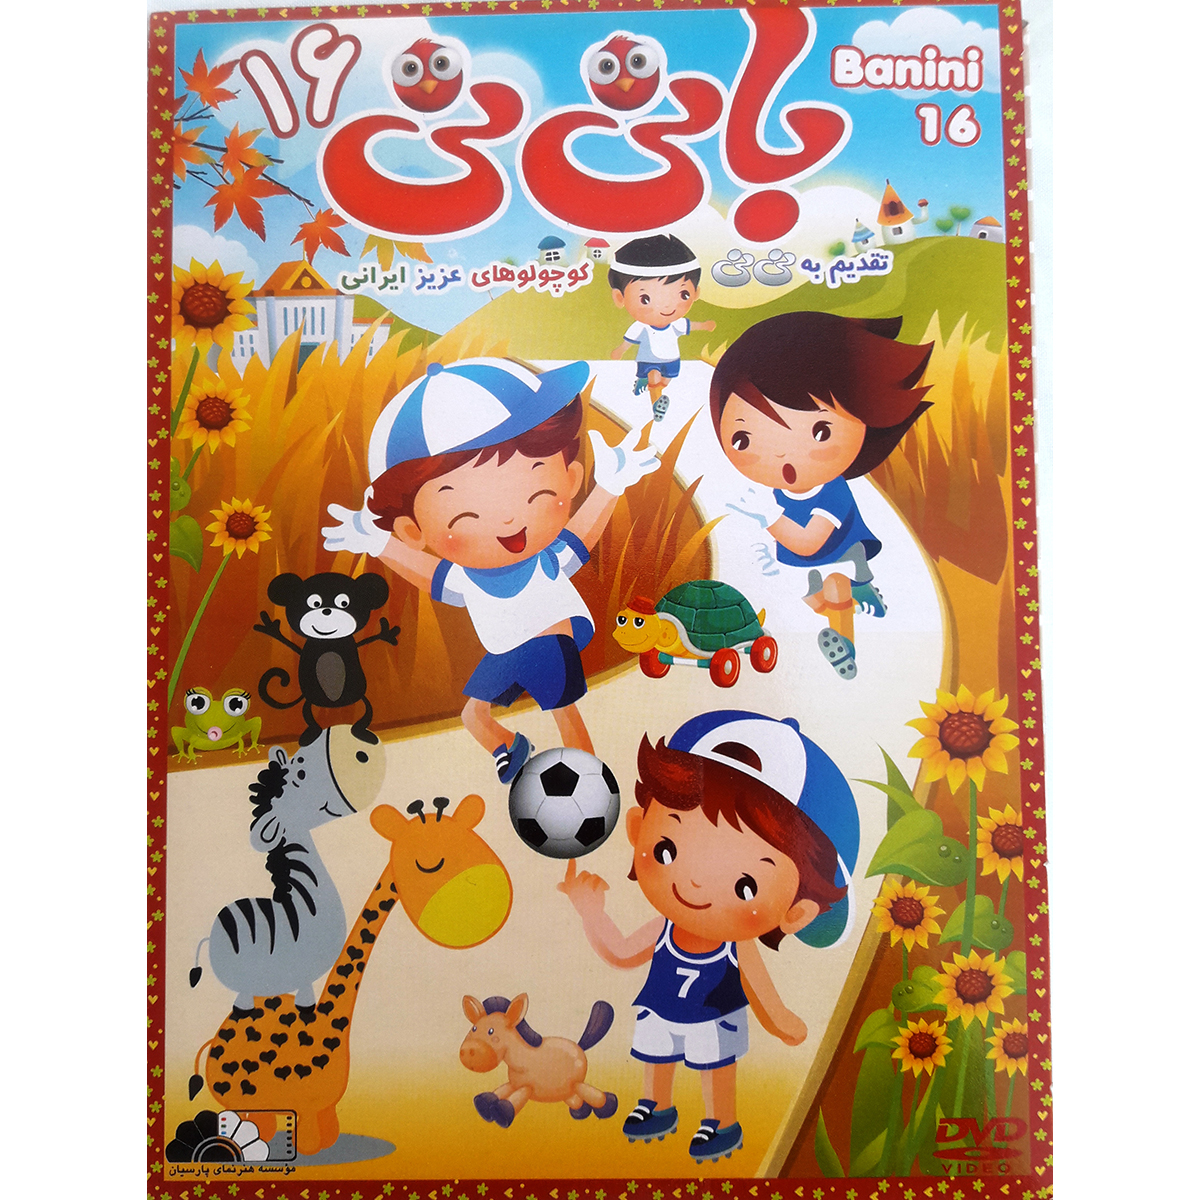 انیمیشن با نی نی 16 اثر مارک اندروز نشر هنر نمای پارسیان